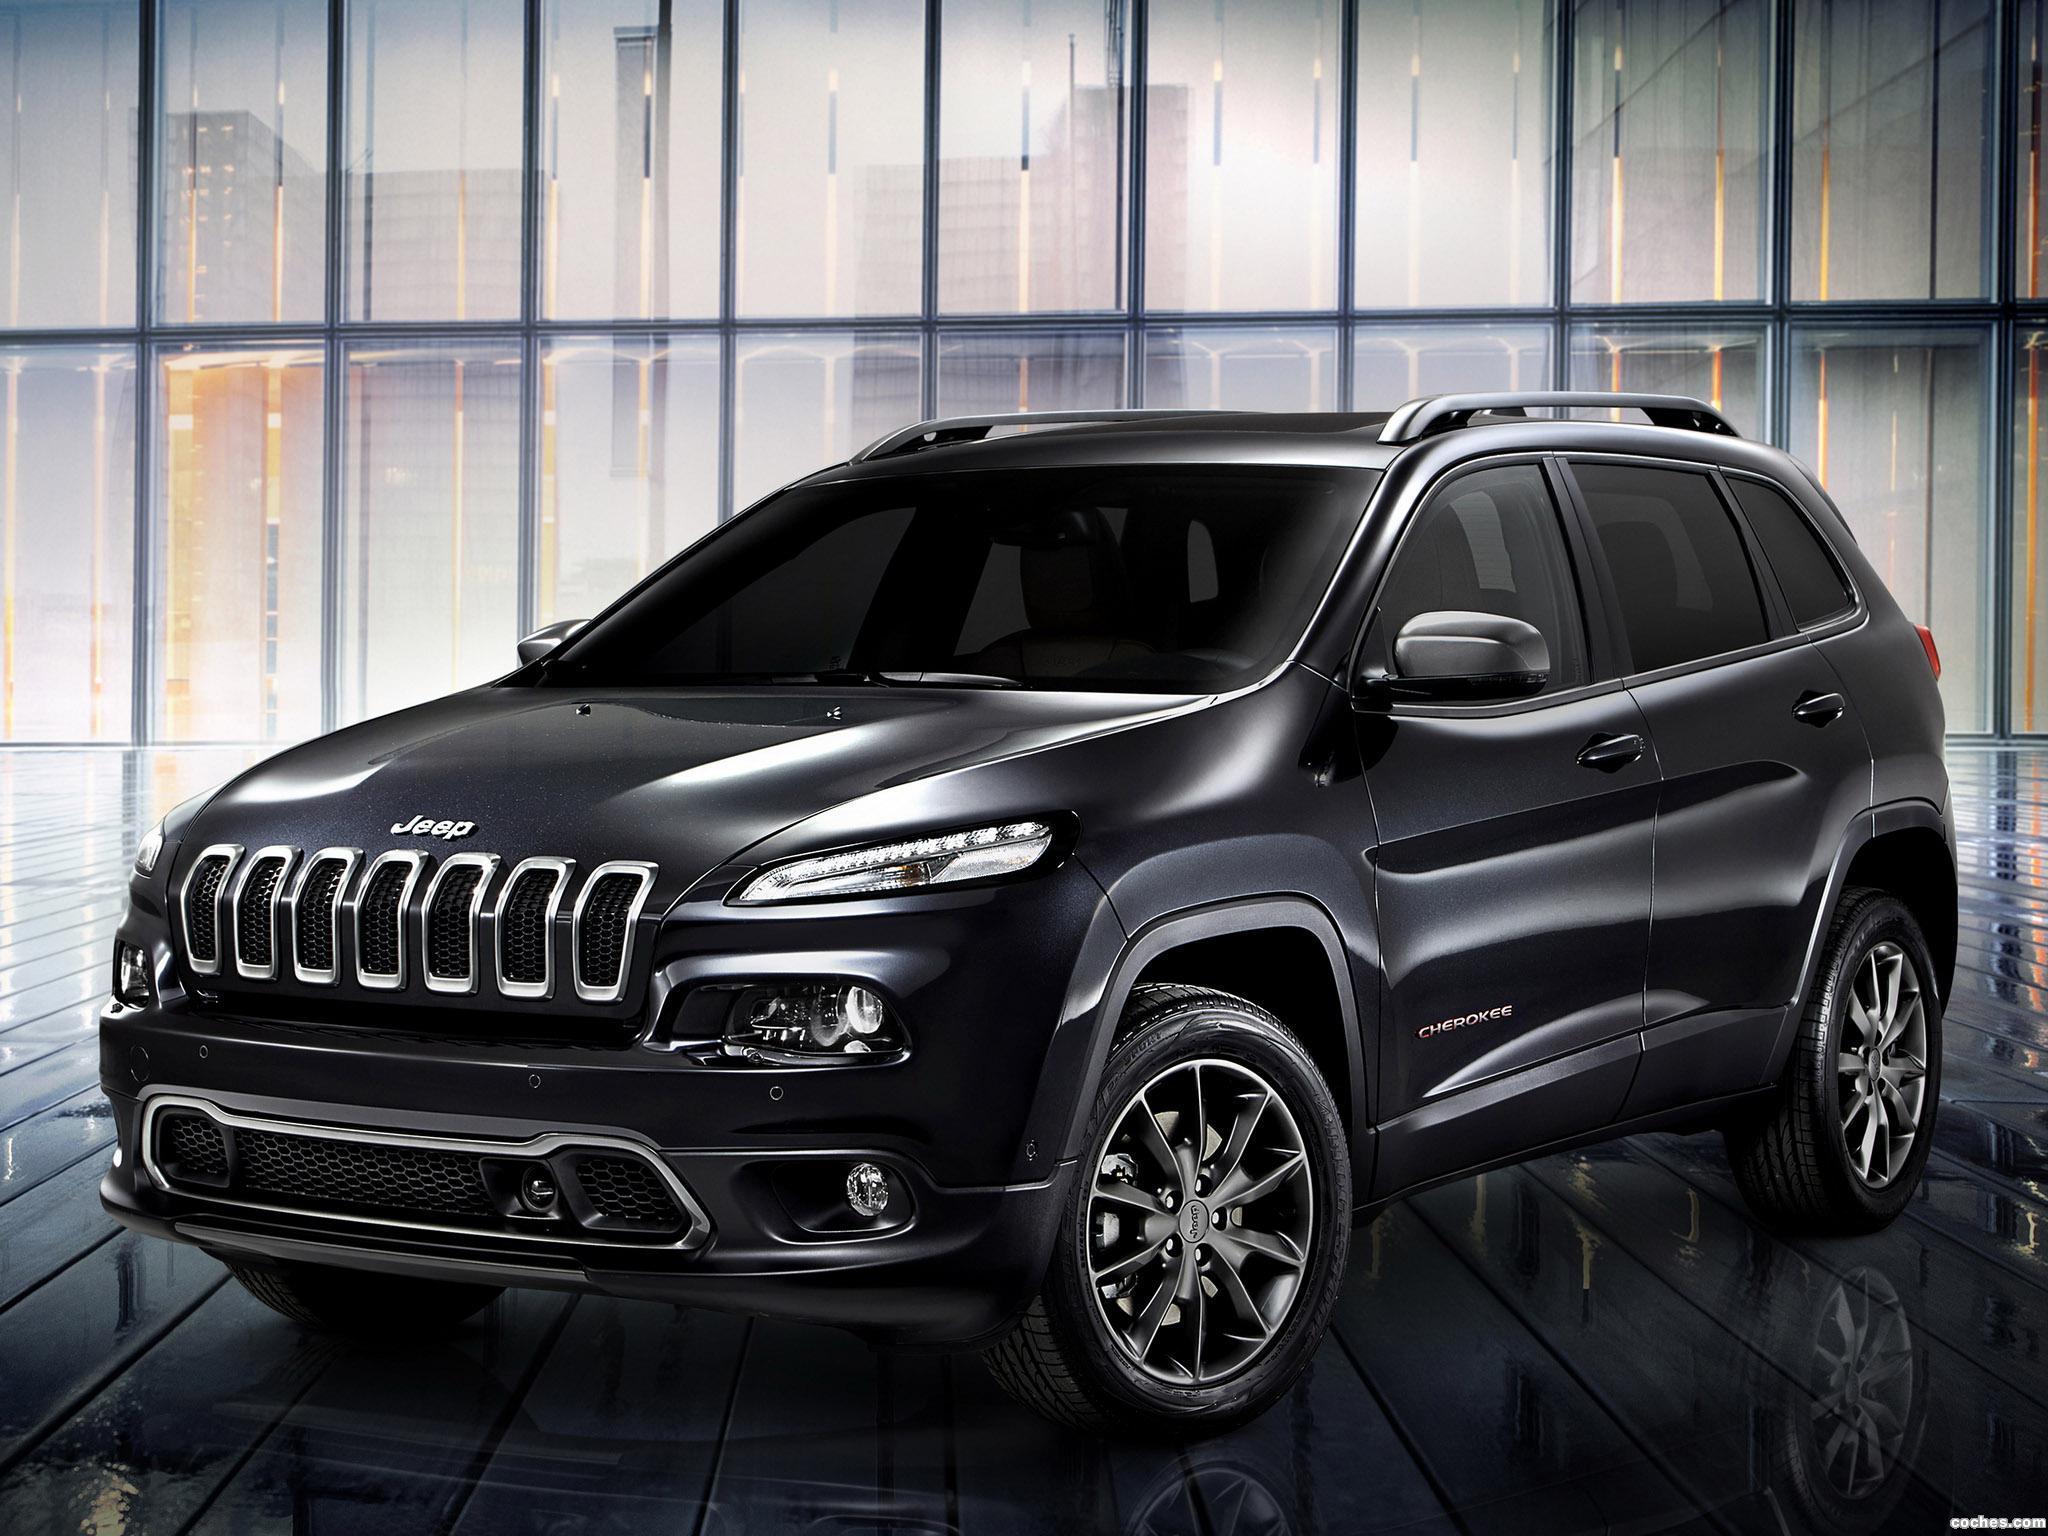 Foto 0 de Jeep Cherokee Urbane Concept 2014